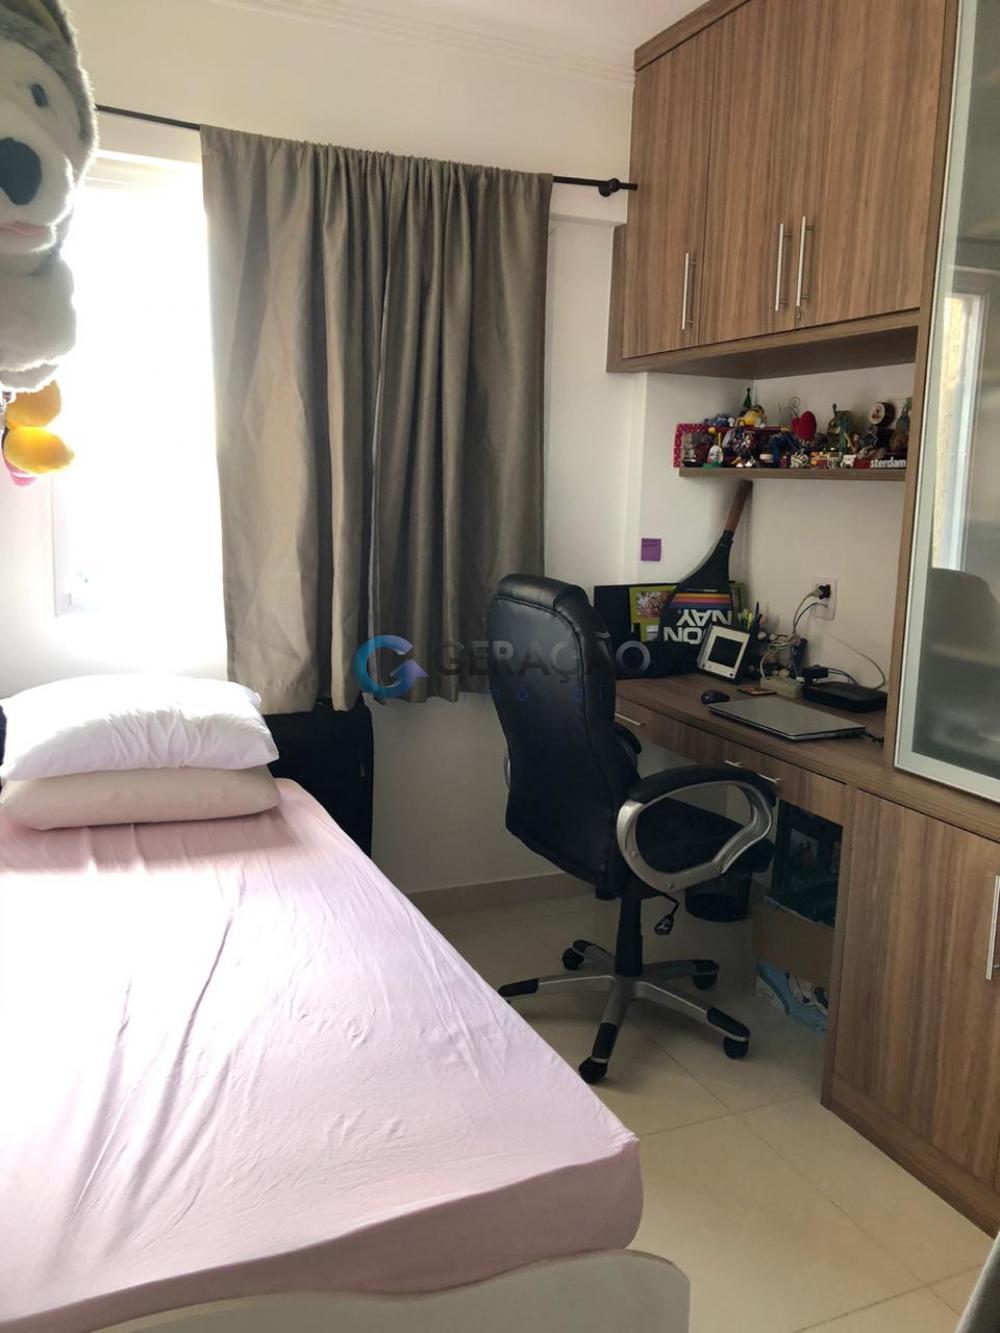 Comprar Apartamento / Padrão em São José dos Campos apenas R$ 615.000,00 - Foto 9